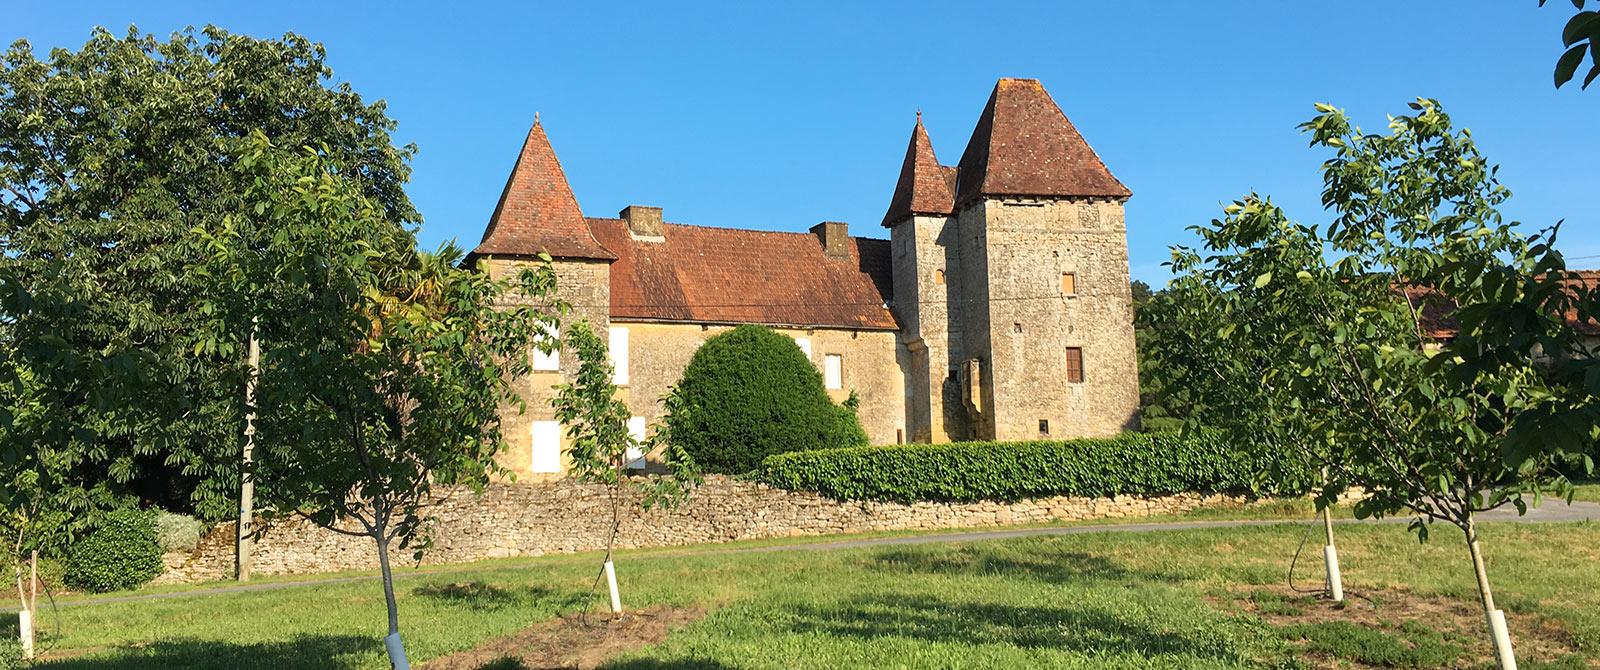 Domaine du Barry - Location de gîtes en Périgord Noir. 9km de Sarlat